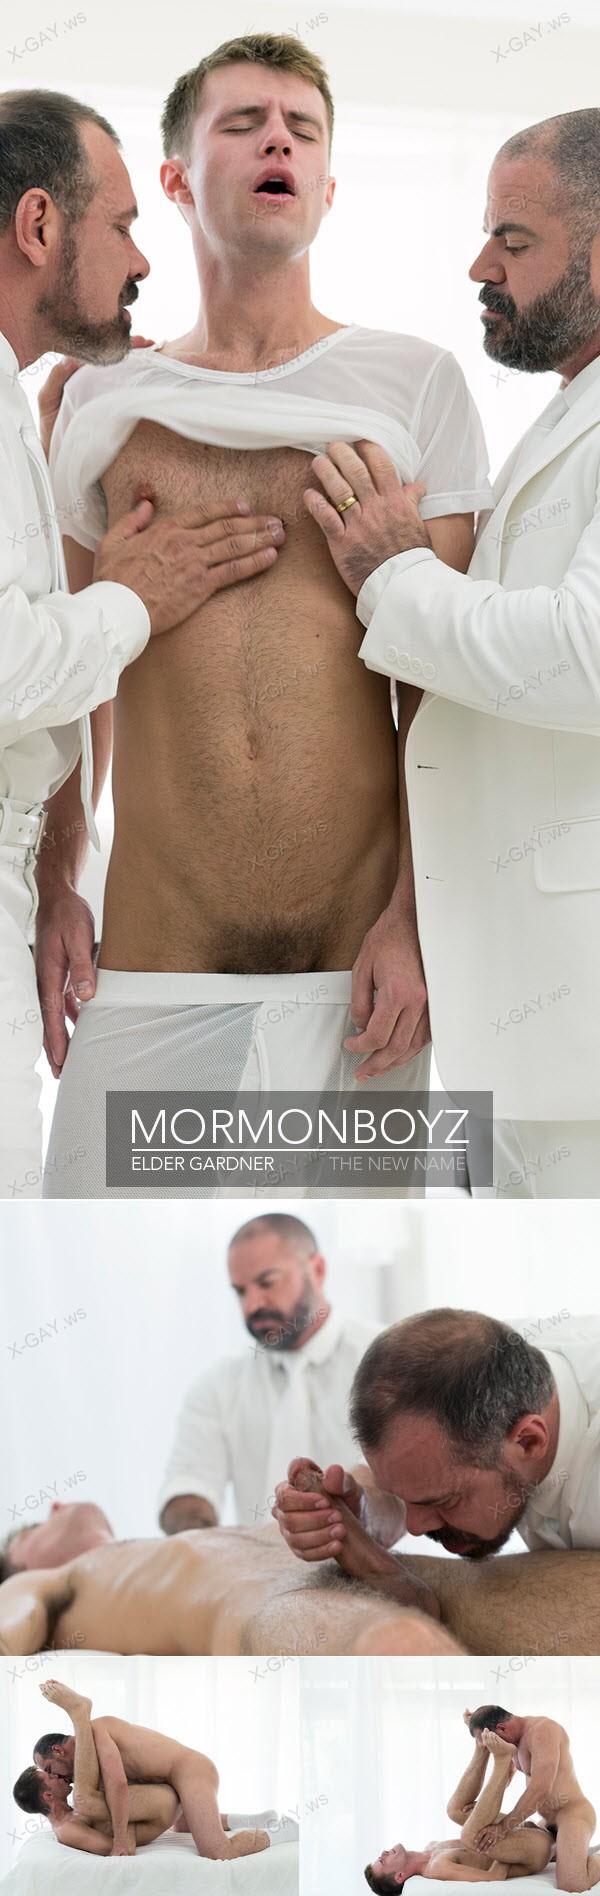 mormonboyz_eldergardner_thenewname.jpg